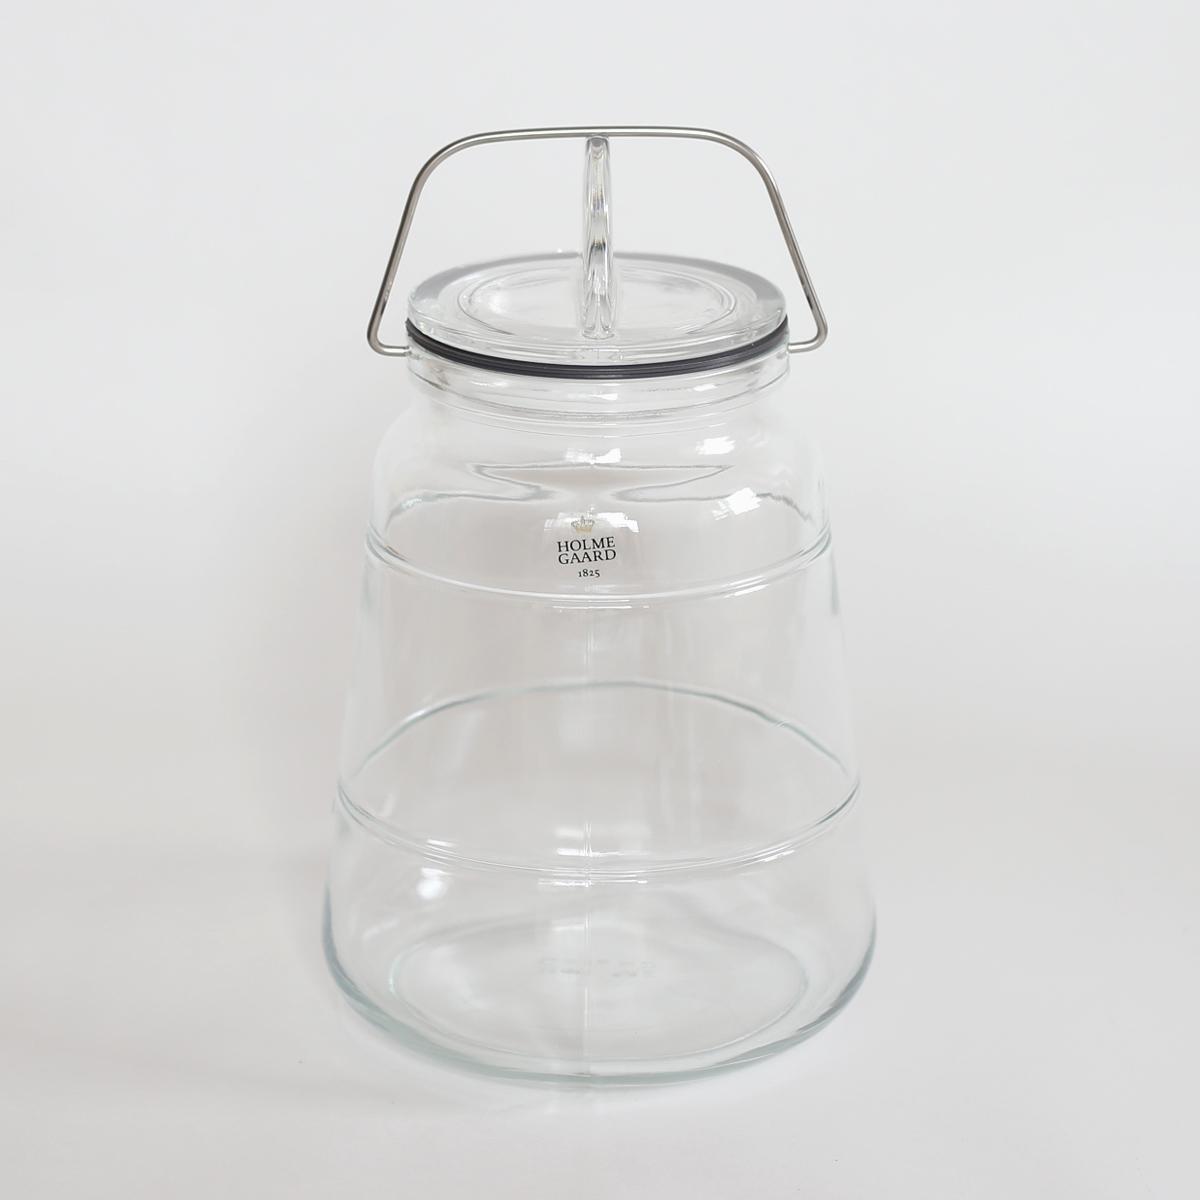 ホルムガード スカーラ ストレージジャー 2L ガラス瓶